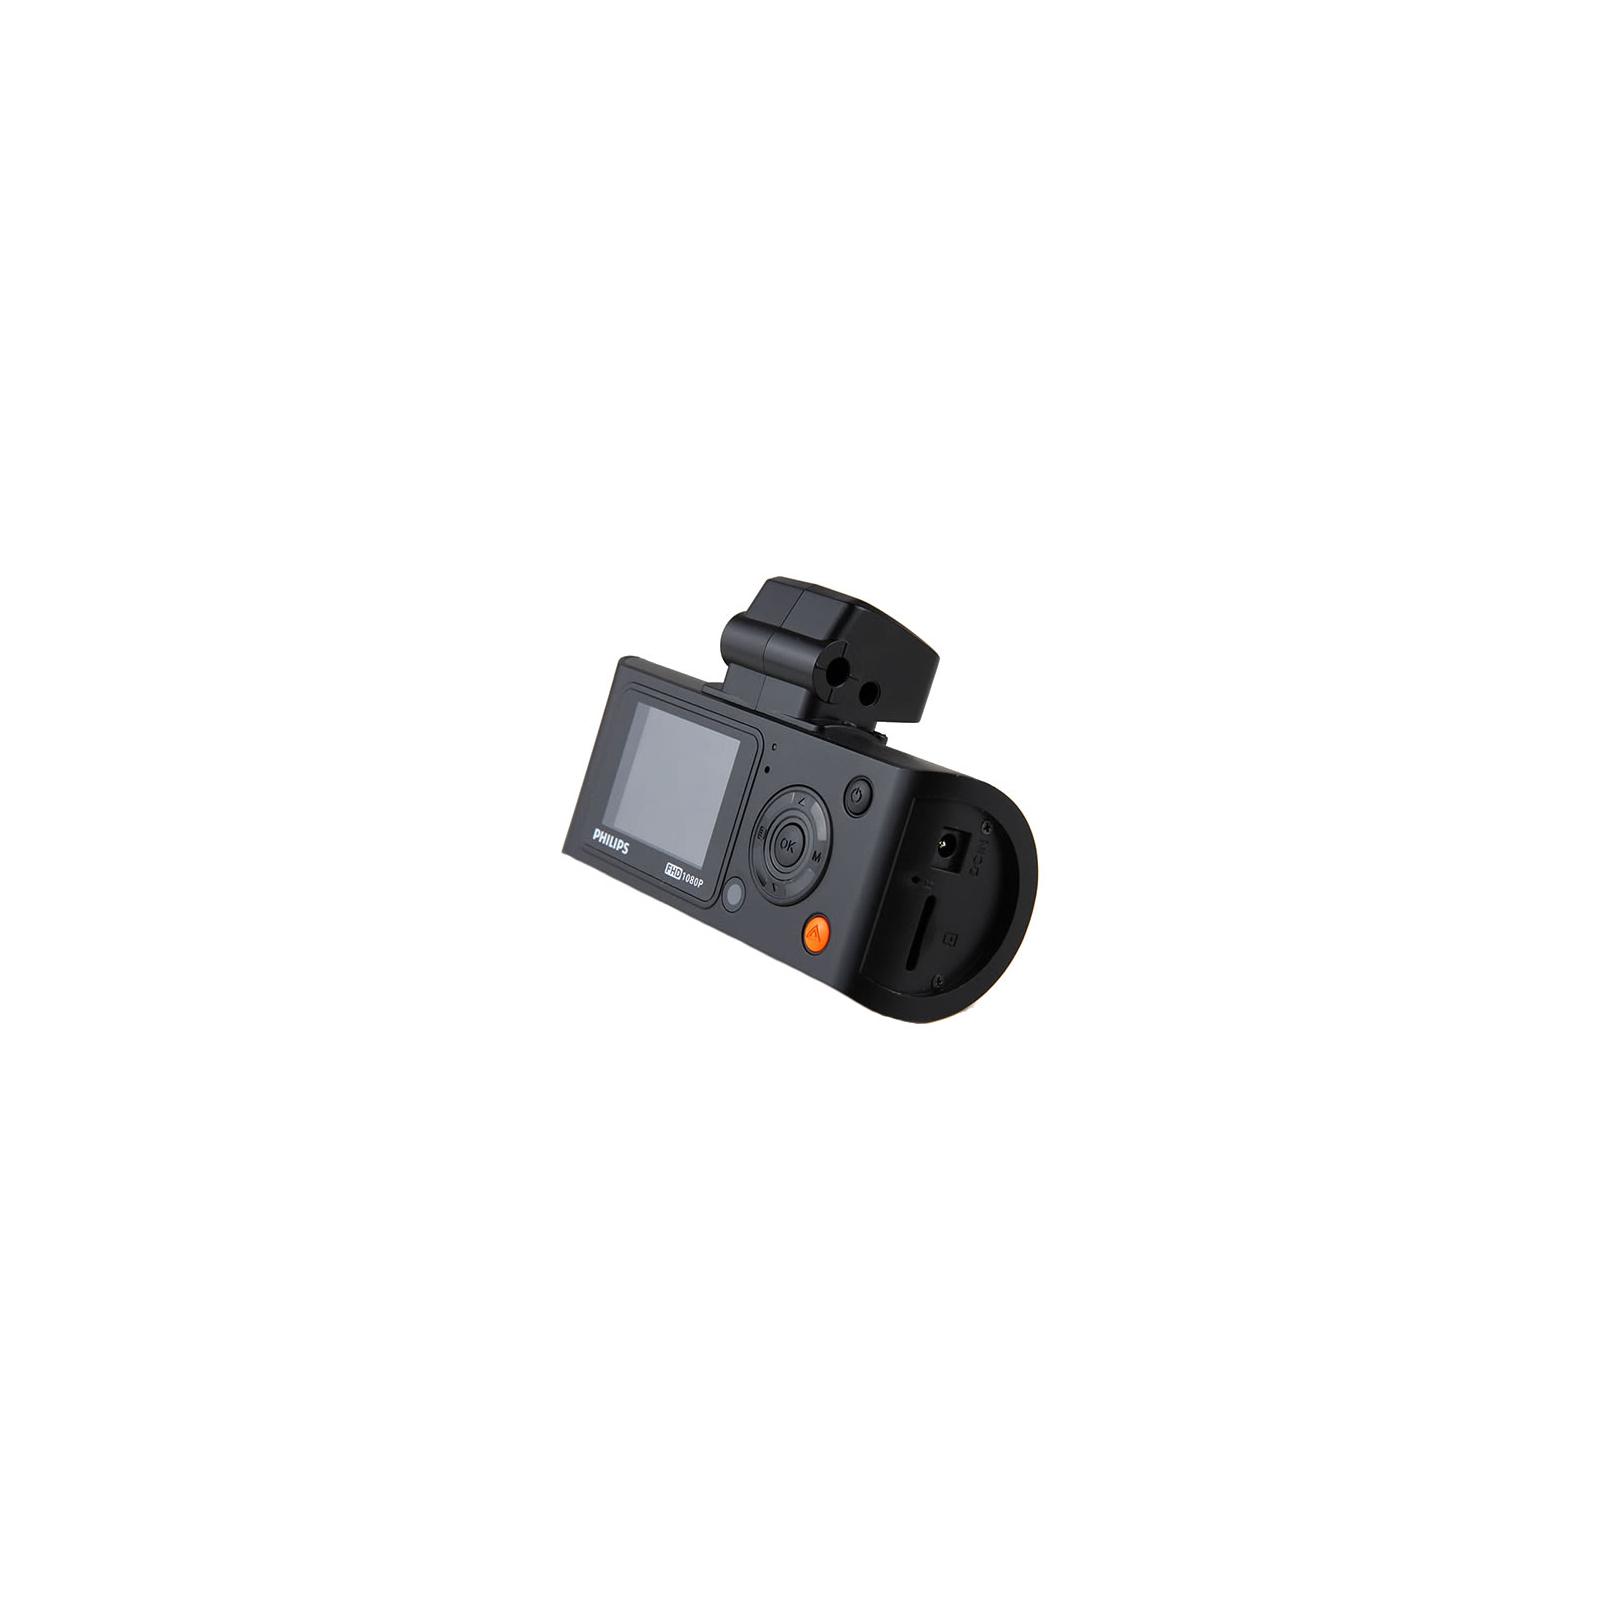 Видеорегистратор PHILIPS CVR700 GPS изображение 2